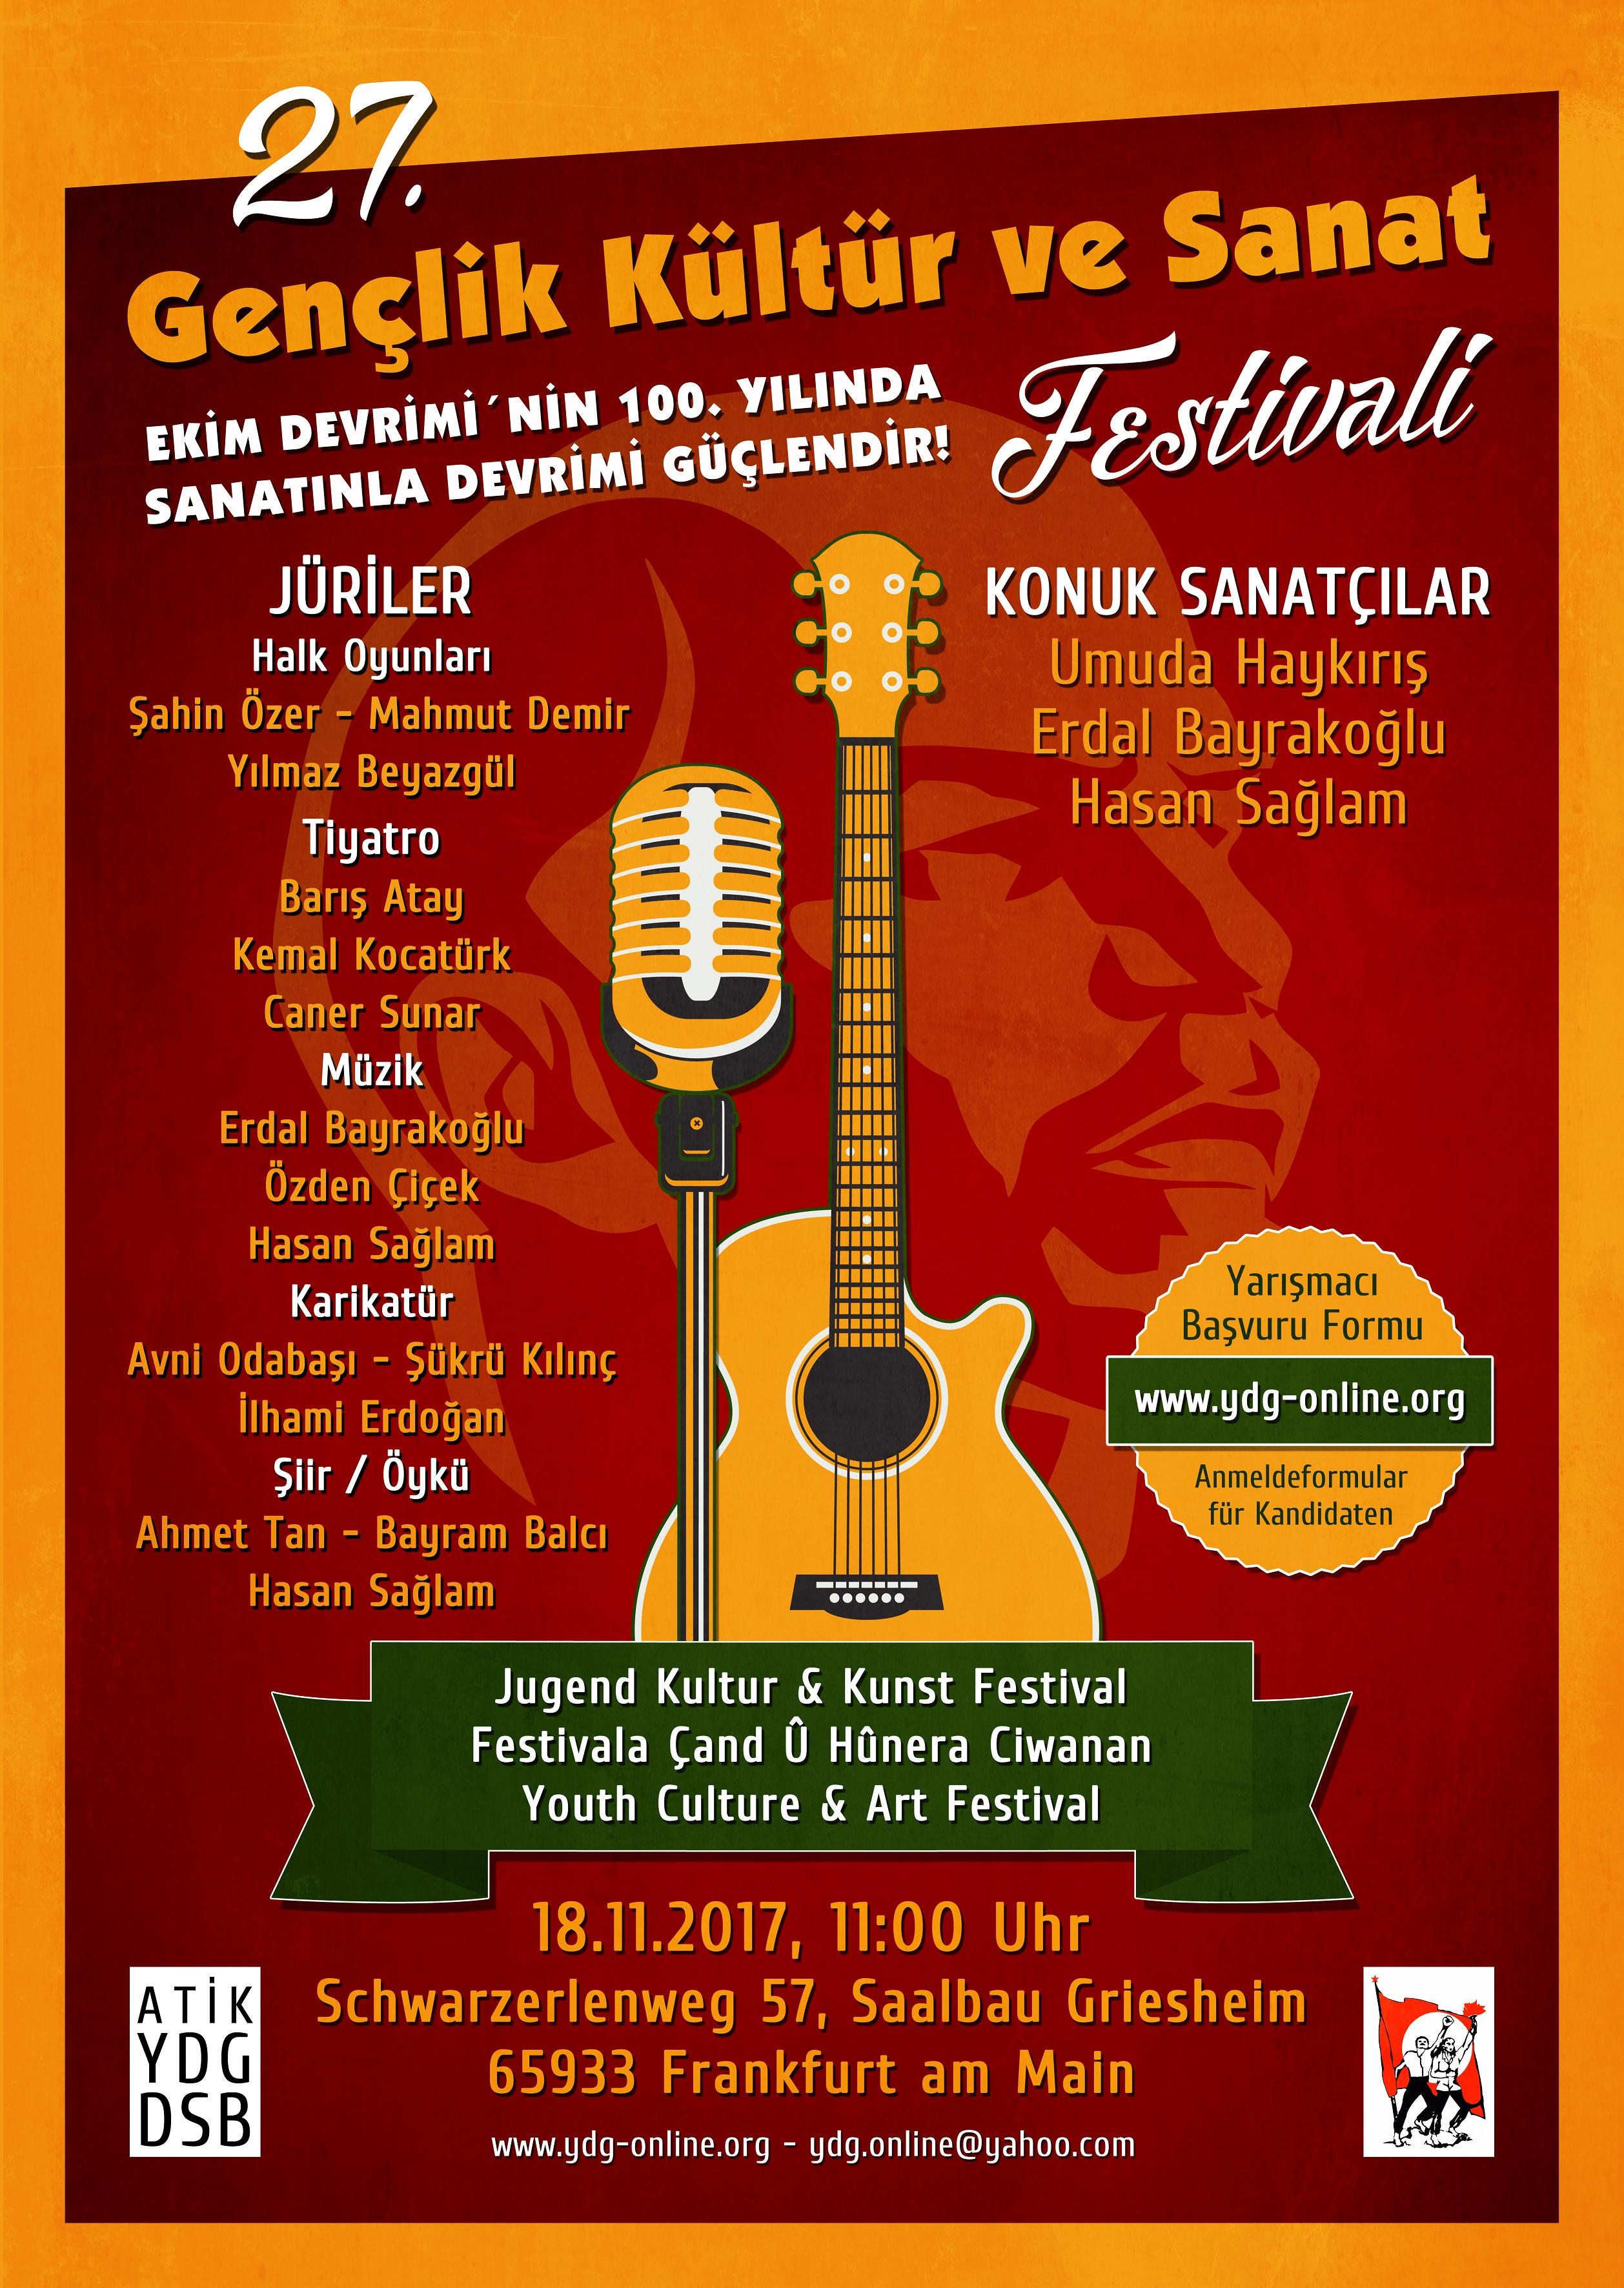 27. Gençlik ve Kültür Sanat Festivali'nde Buluşalım!